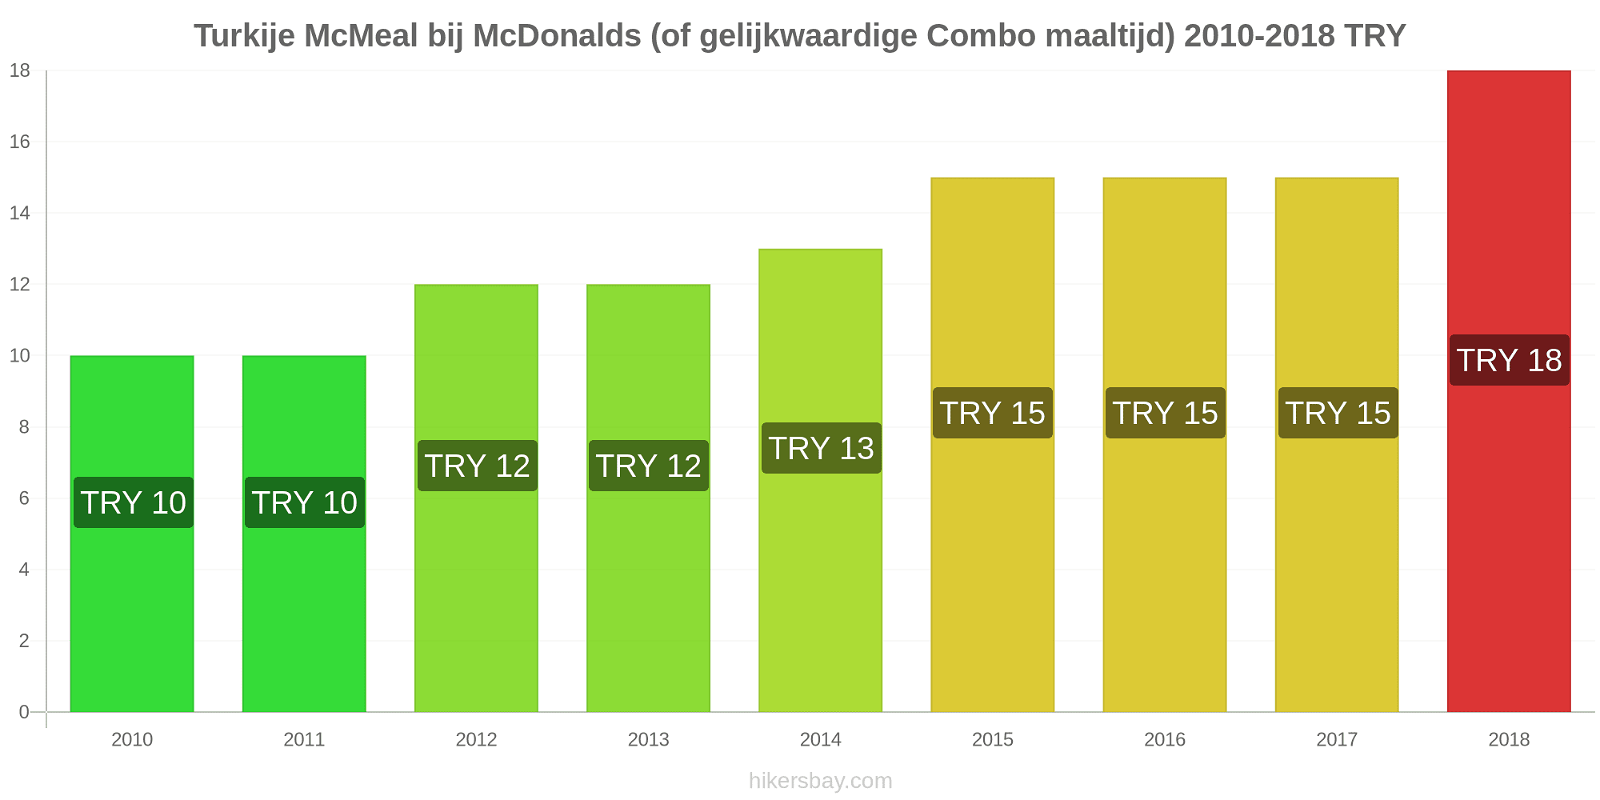 Turkije prijswijzigingen McMeal bij McDonalds (of gelijkwaardige Combo maaltijd) hikersbay.com